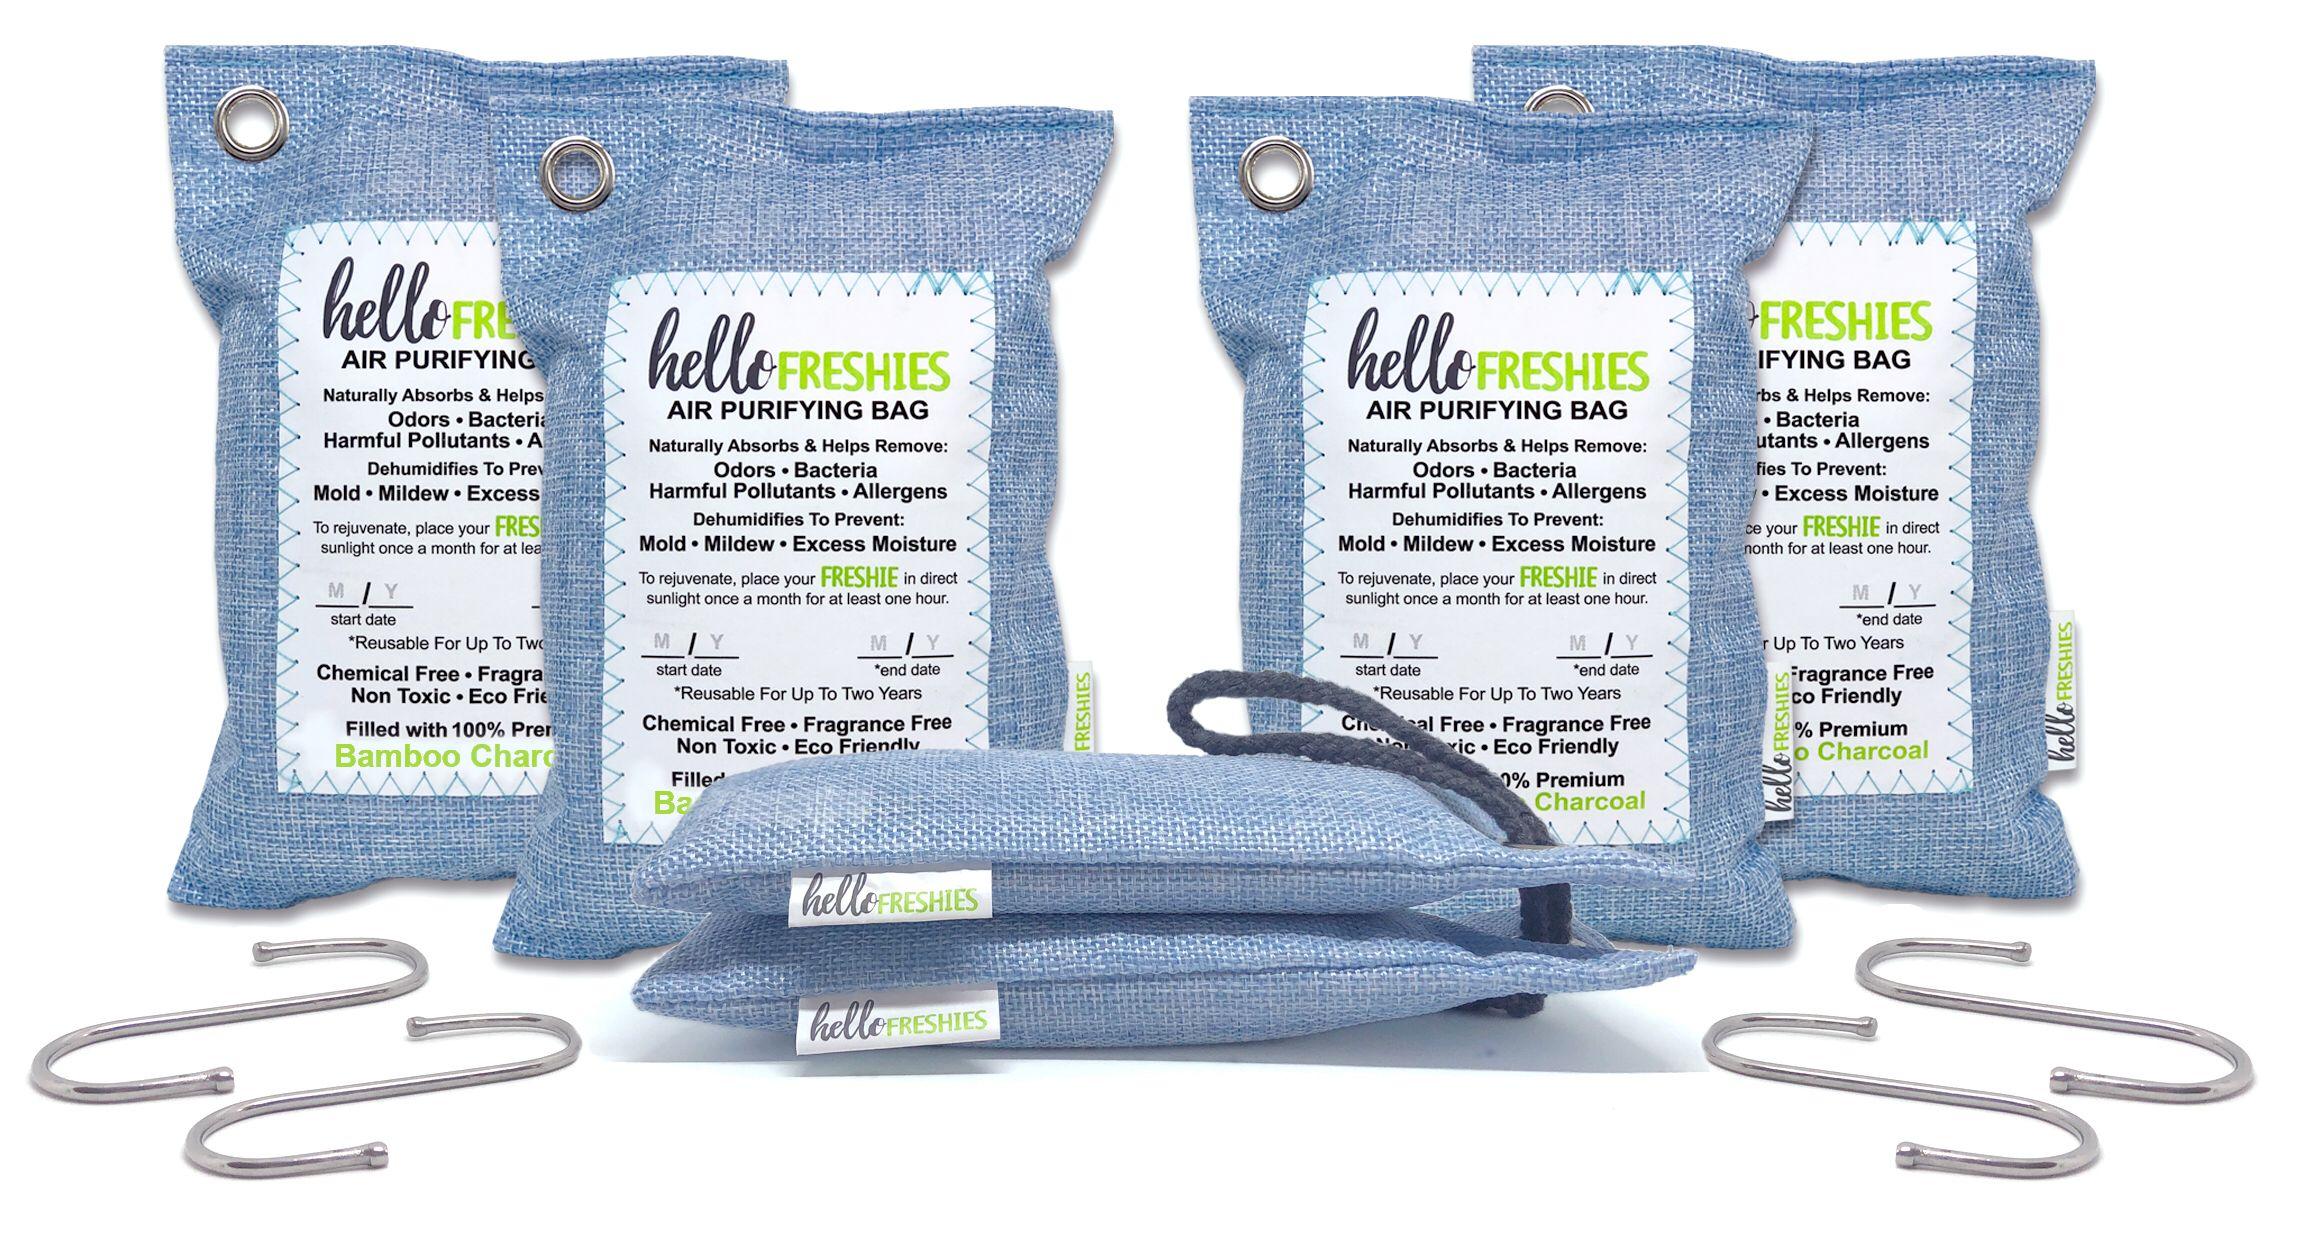 Hello Freshies Air Freshener Bags Air purifying bag, Air